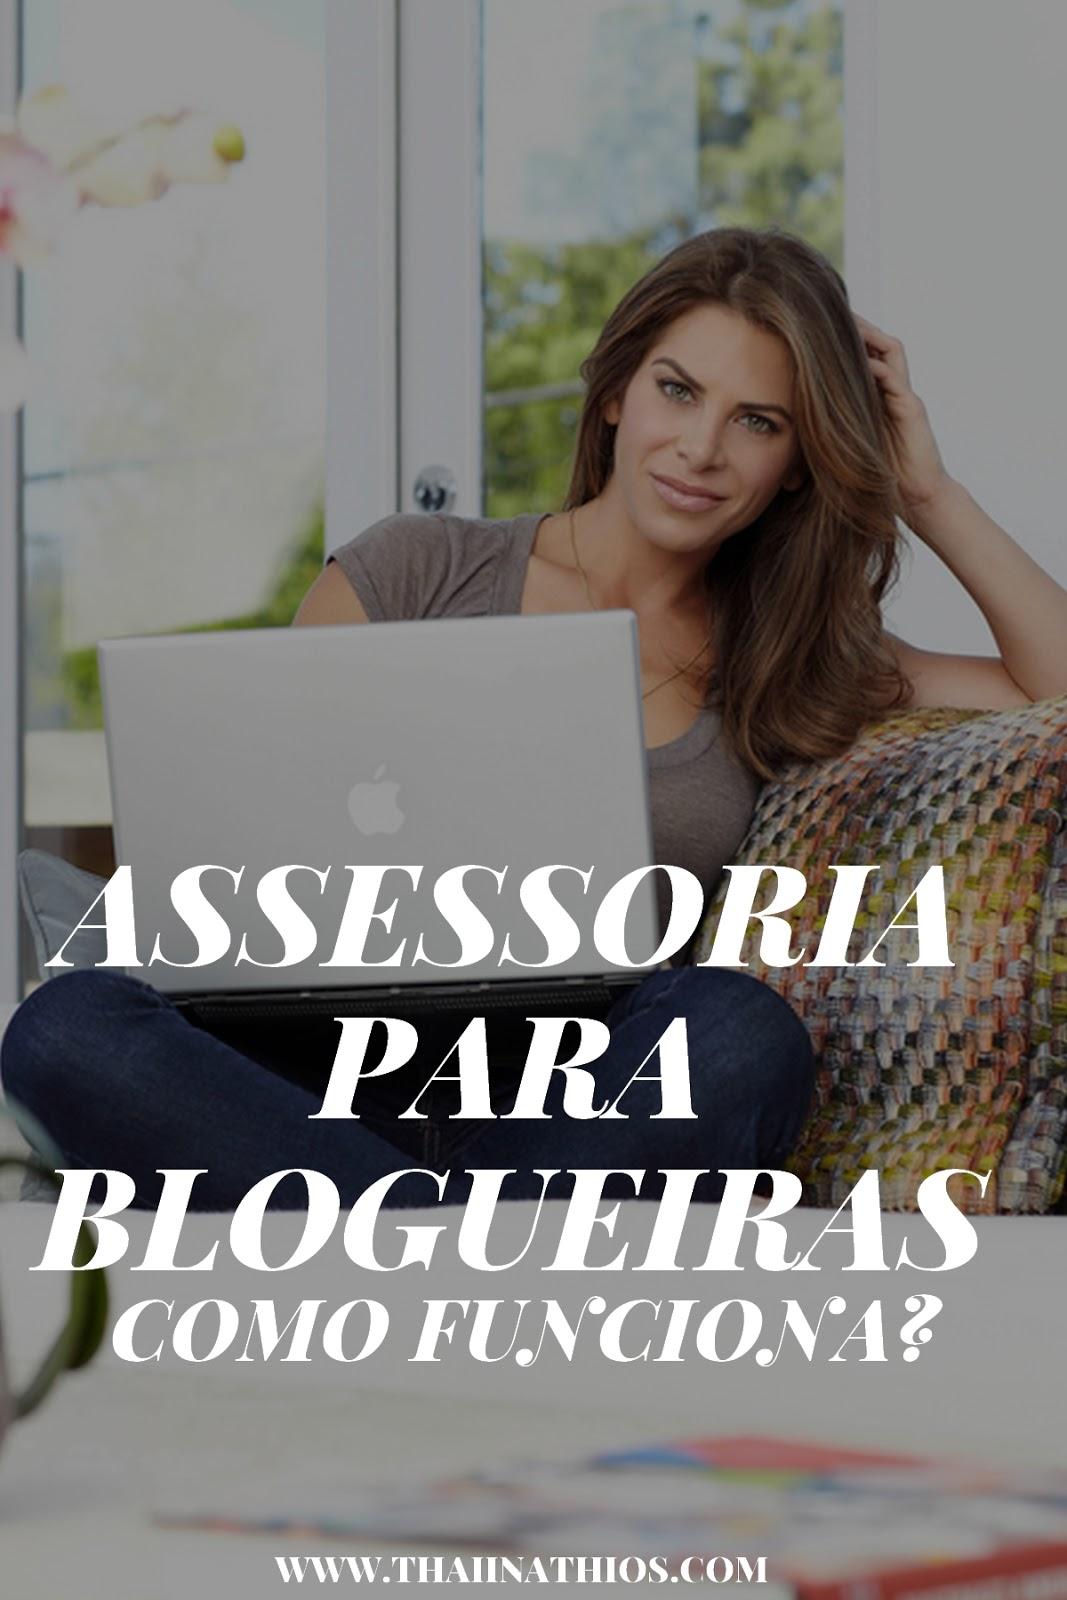 Assessoria para Blogueiras | Como Funciona?